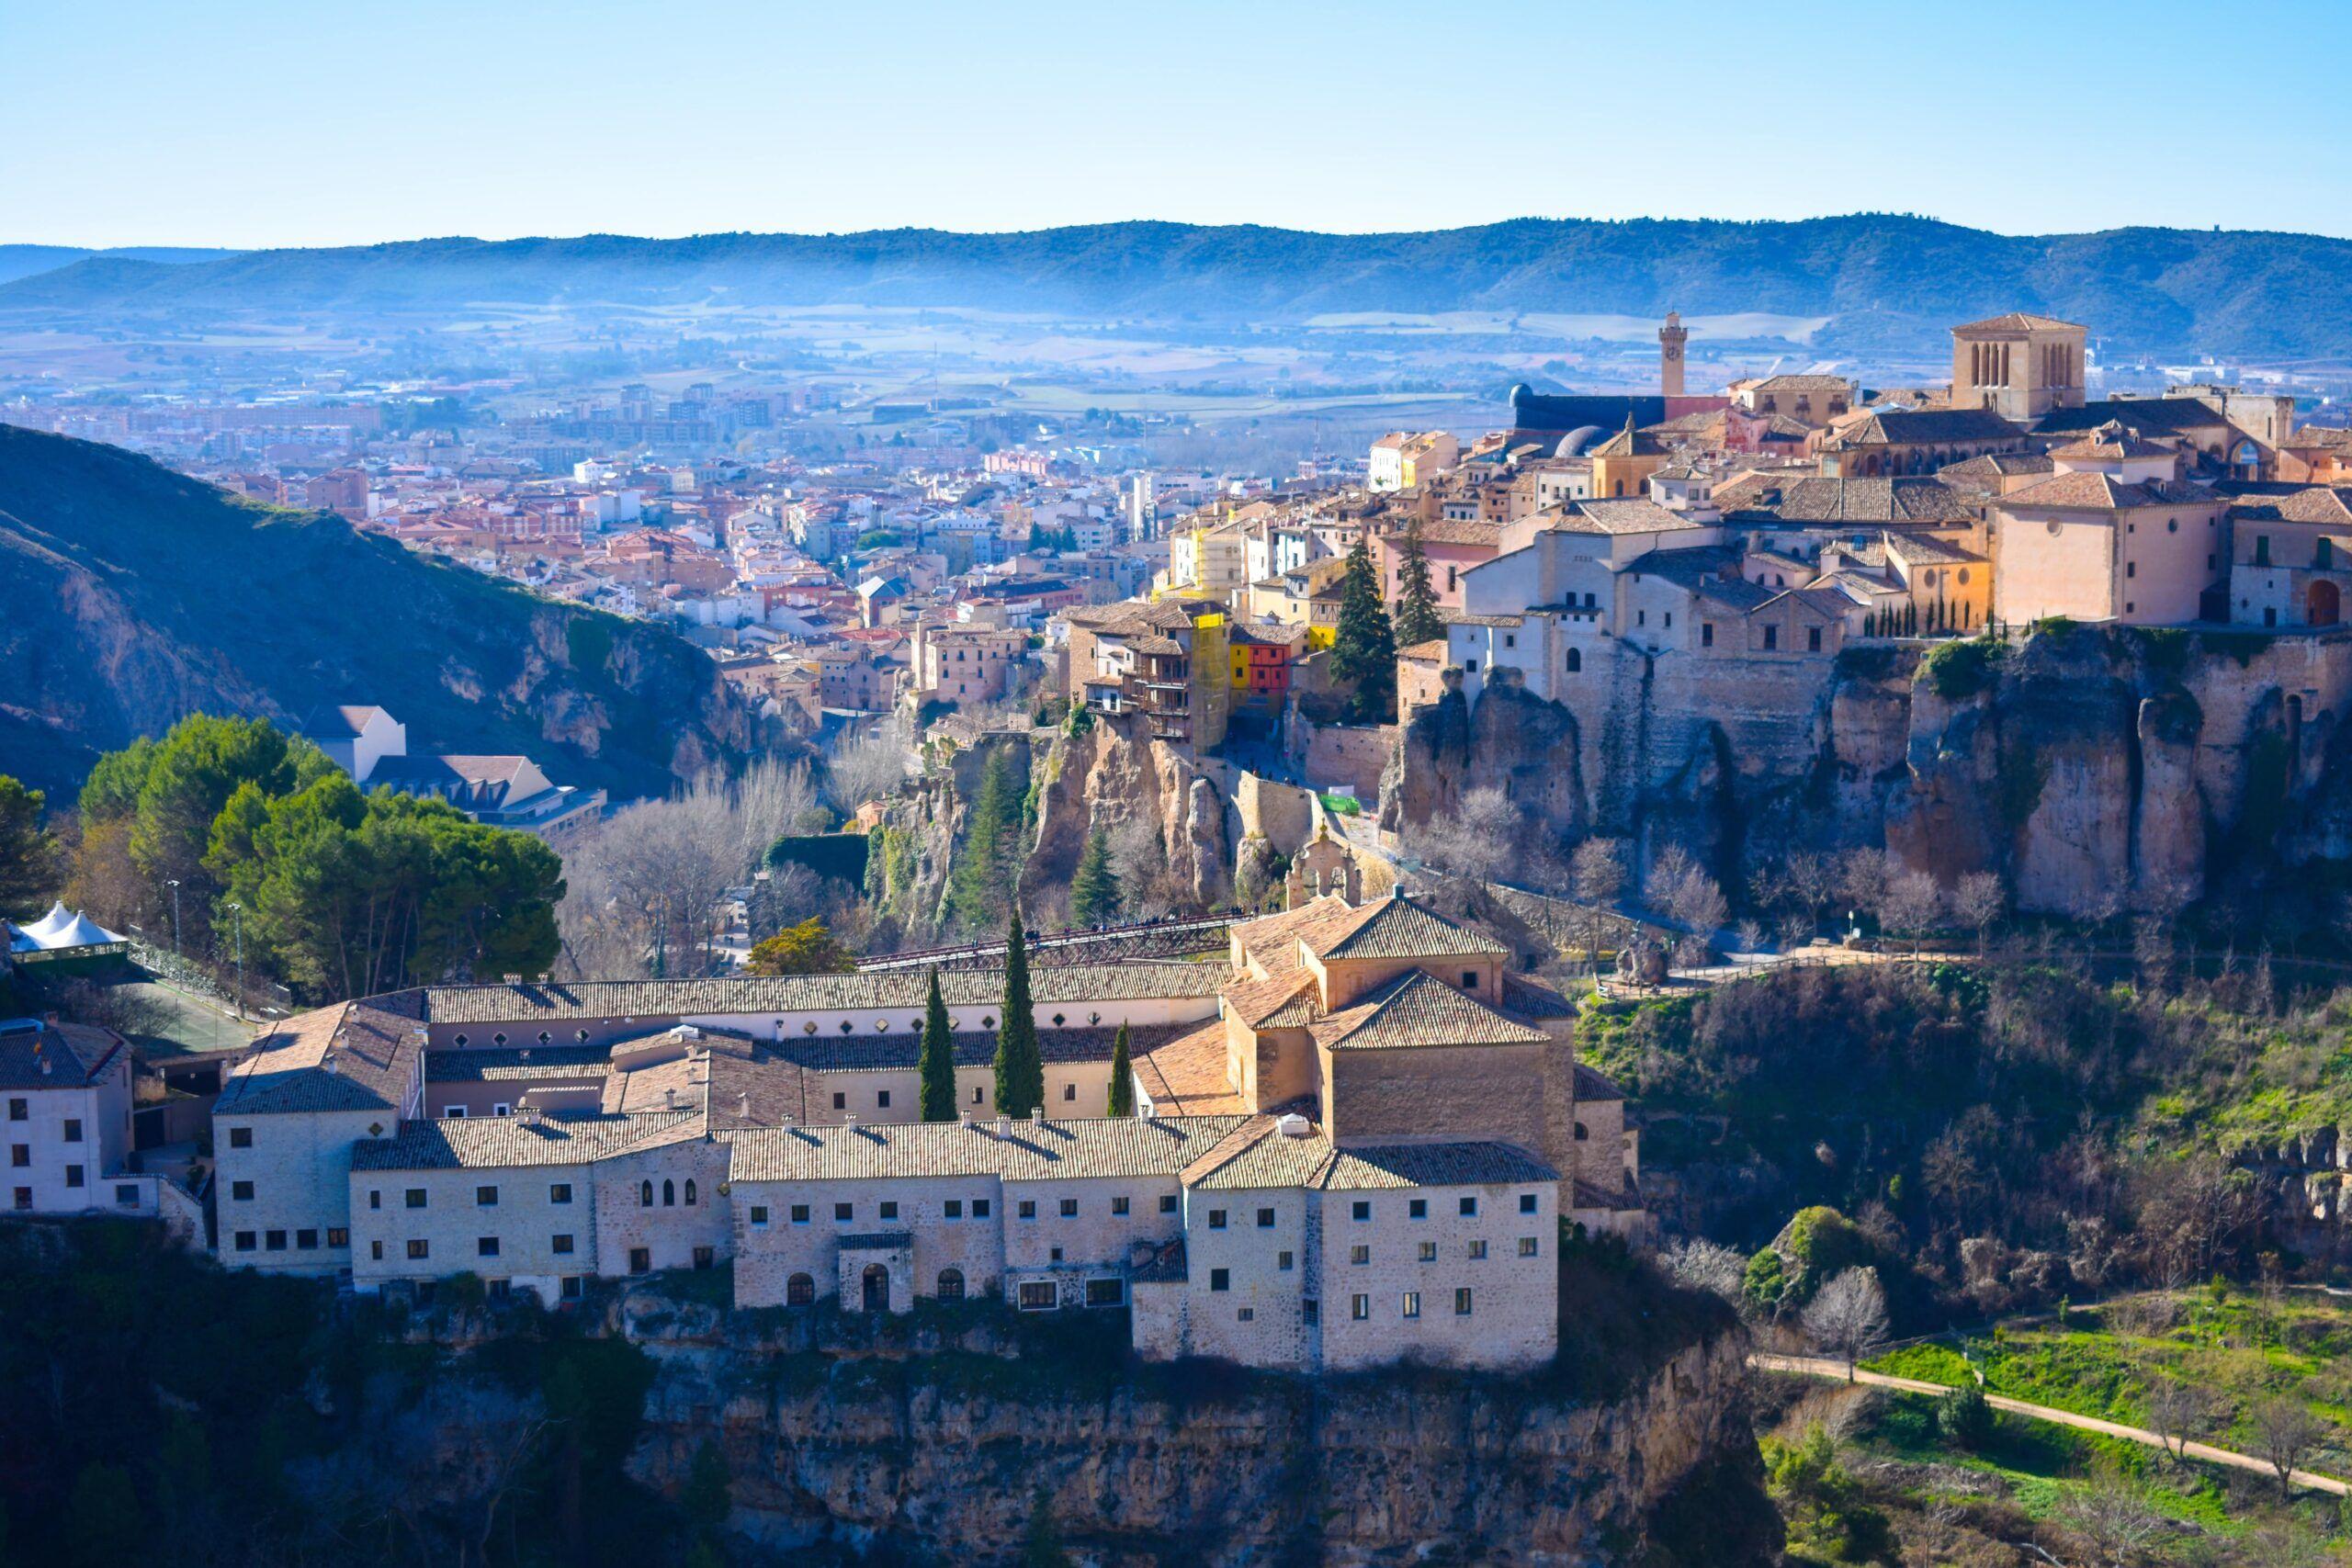 La JGL aprueba los expedientes de contratación de las obras del POS 2020 en Cuenca y cinco de sus pedanías